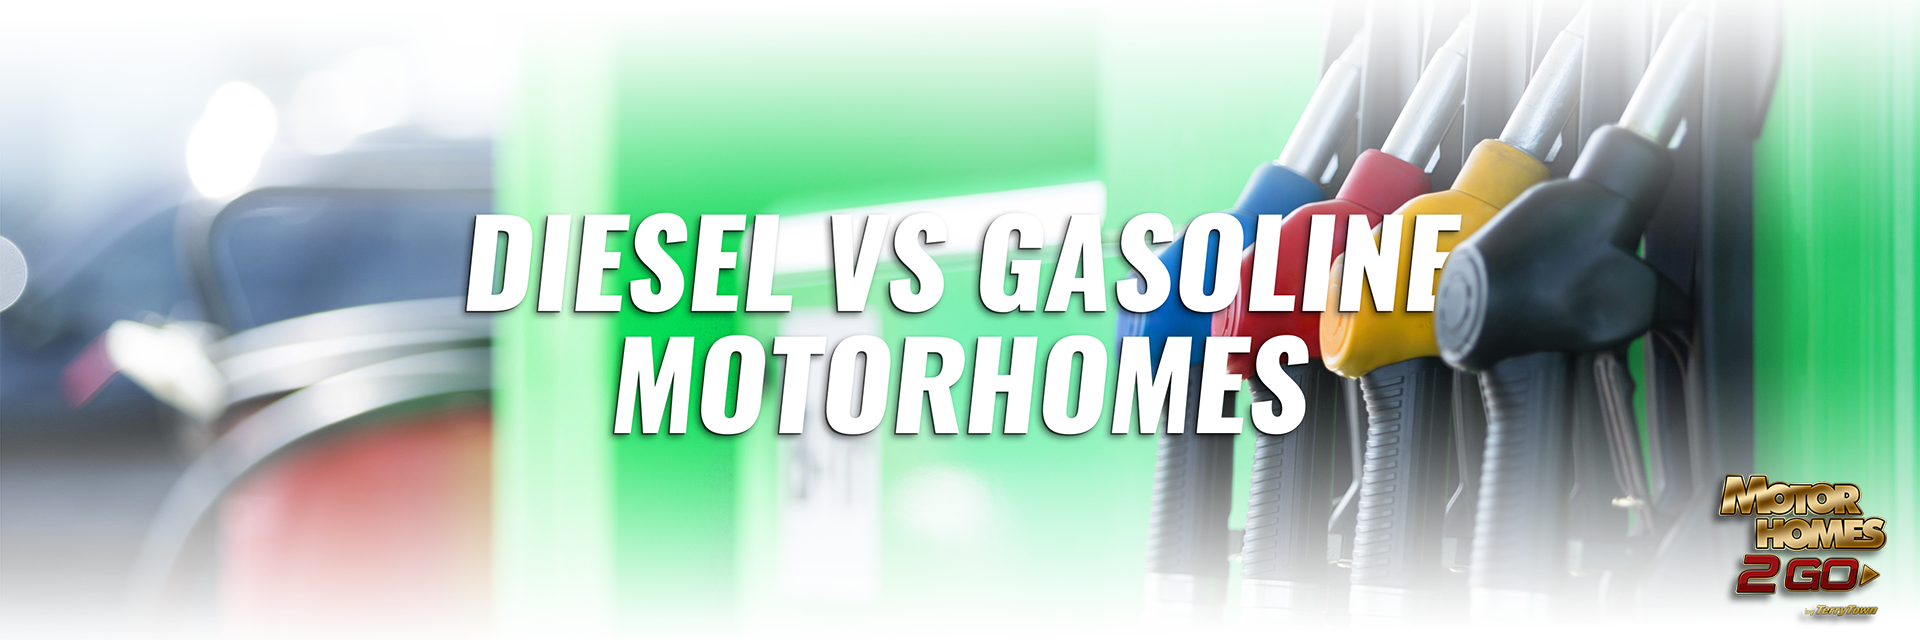 diesel vs gasoline motorhomes banner